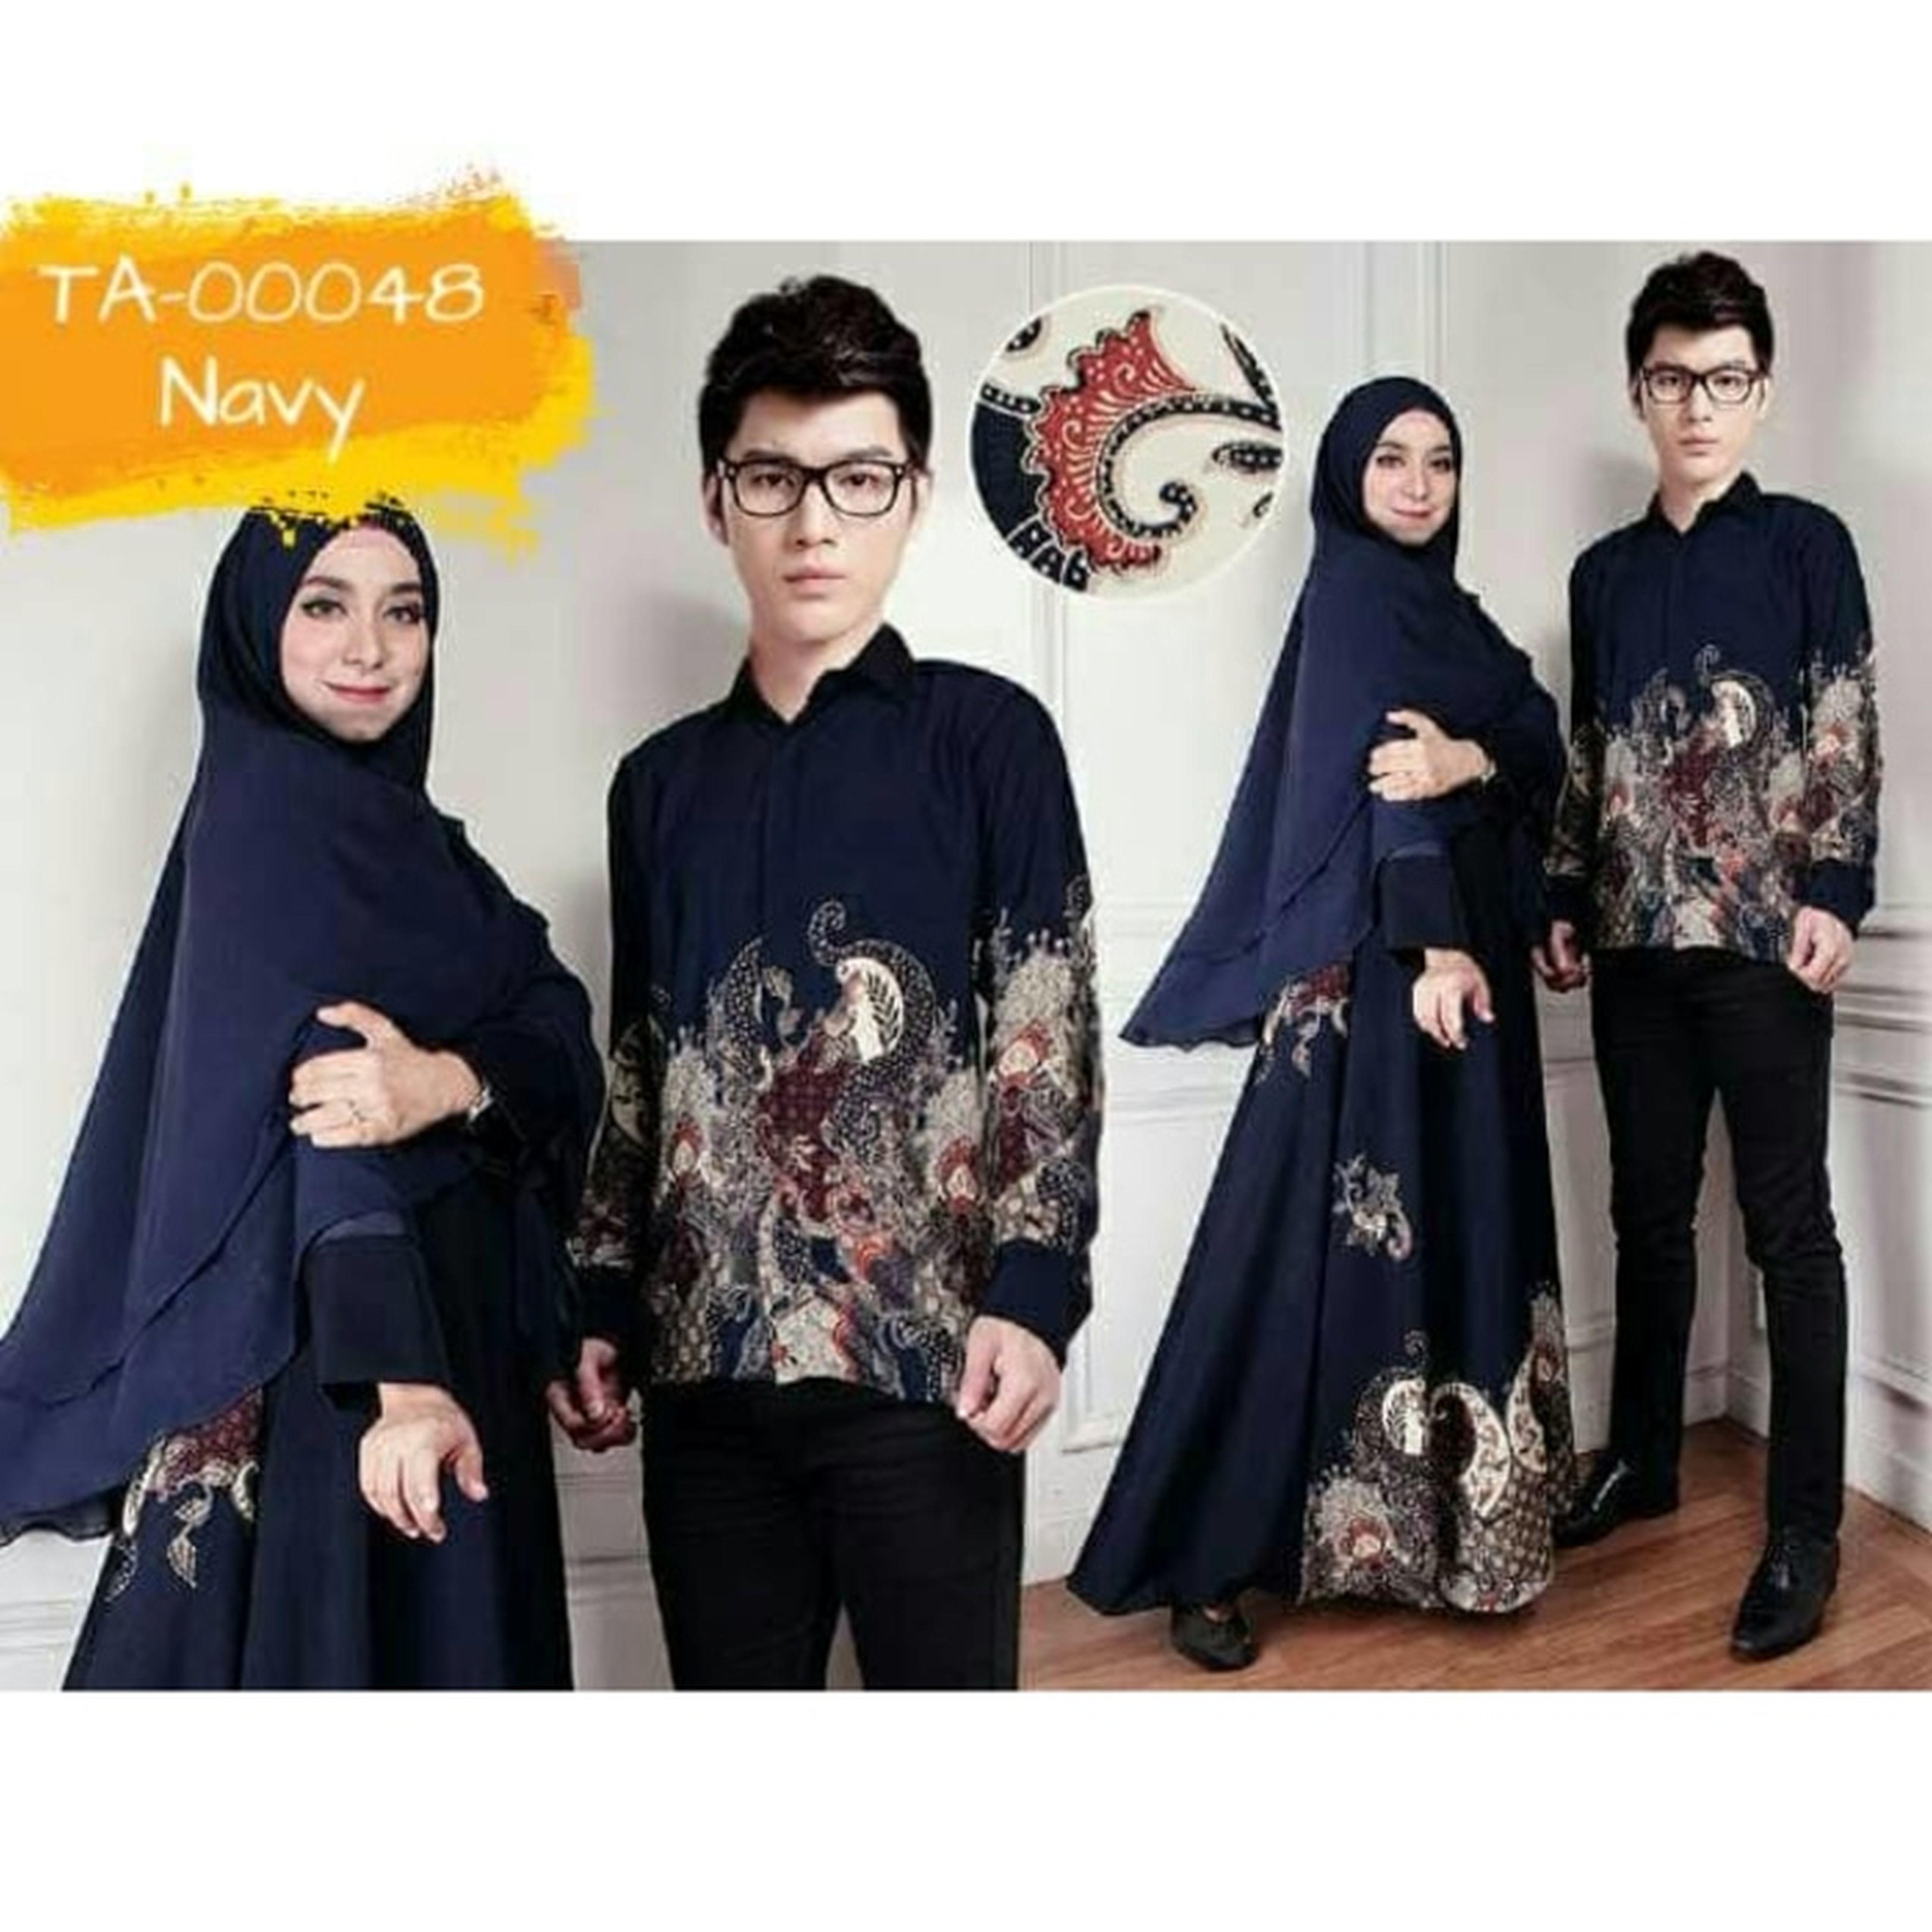 TA B couple katrina NAVY baju pasangan sarimbit batik pestA